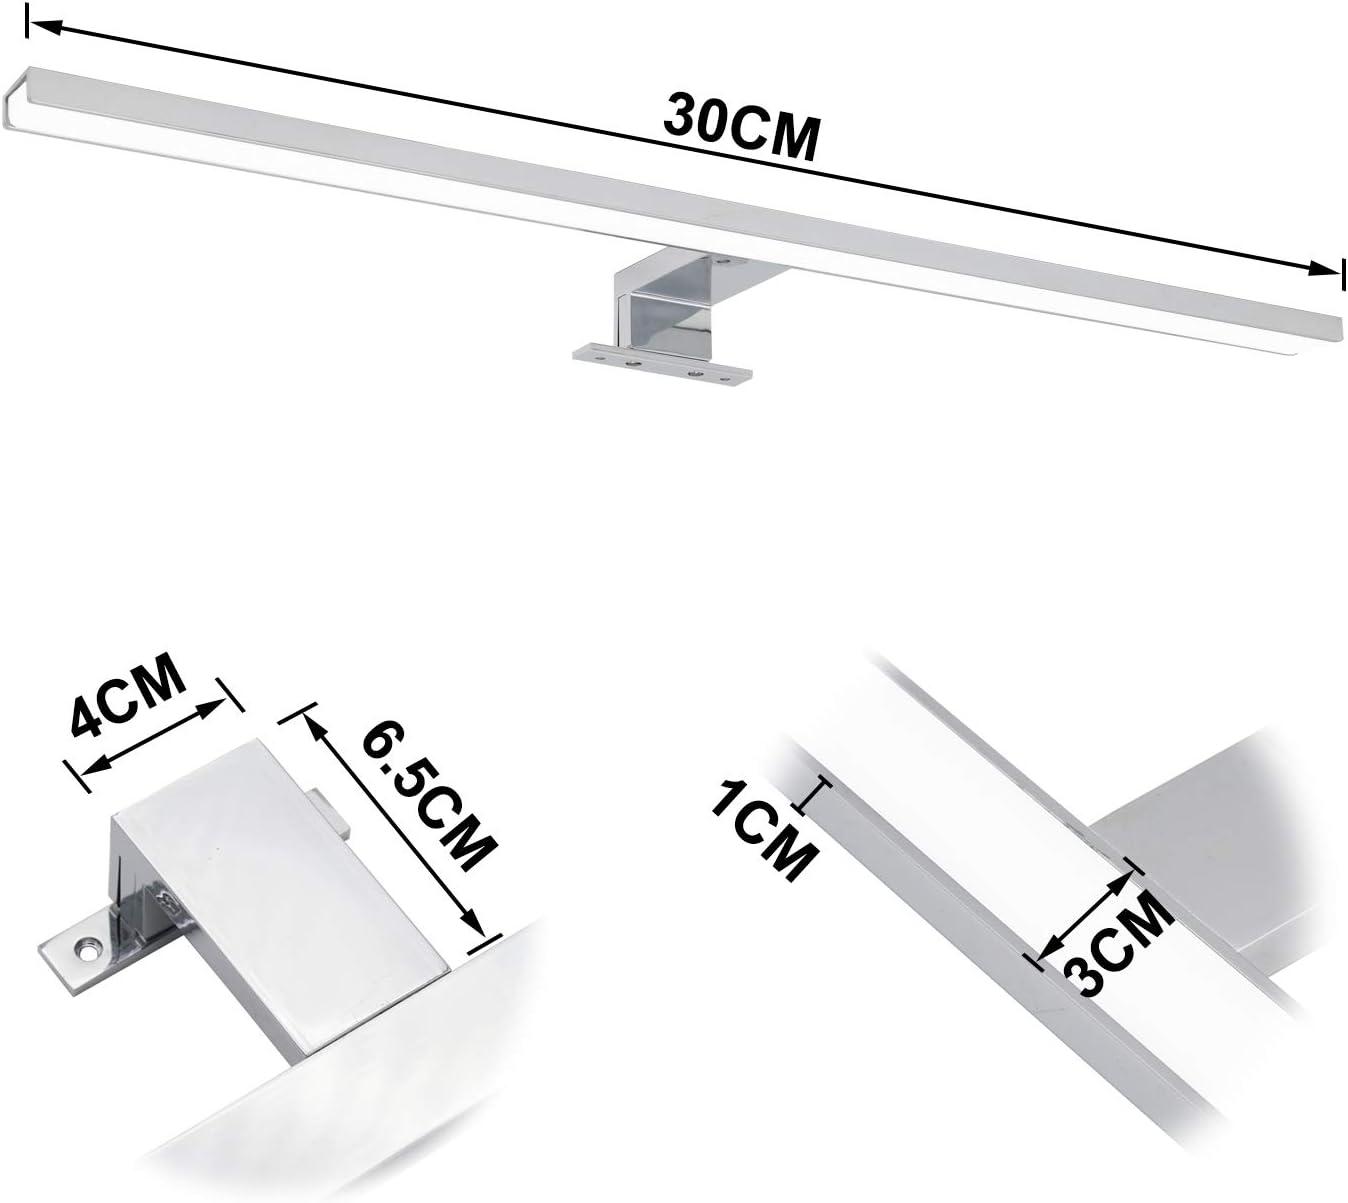 Wolketon LED Spiegelleuchte 12W Wei/ß Badlampe Mit Schalter Badleuchte IP44 4000k 1100LM 60CM F/ür Badezimmer Schminktisch Schlafzimmer